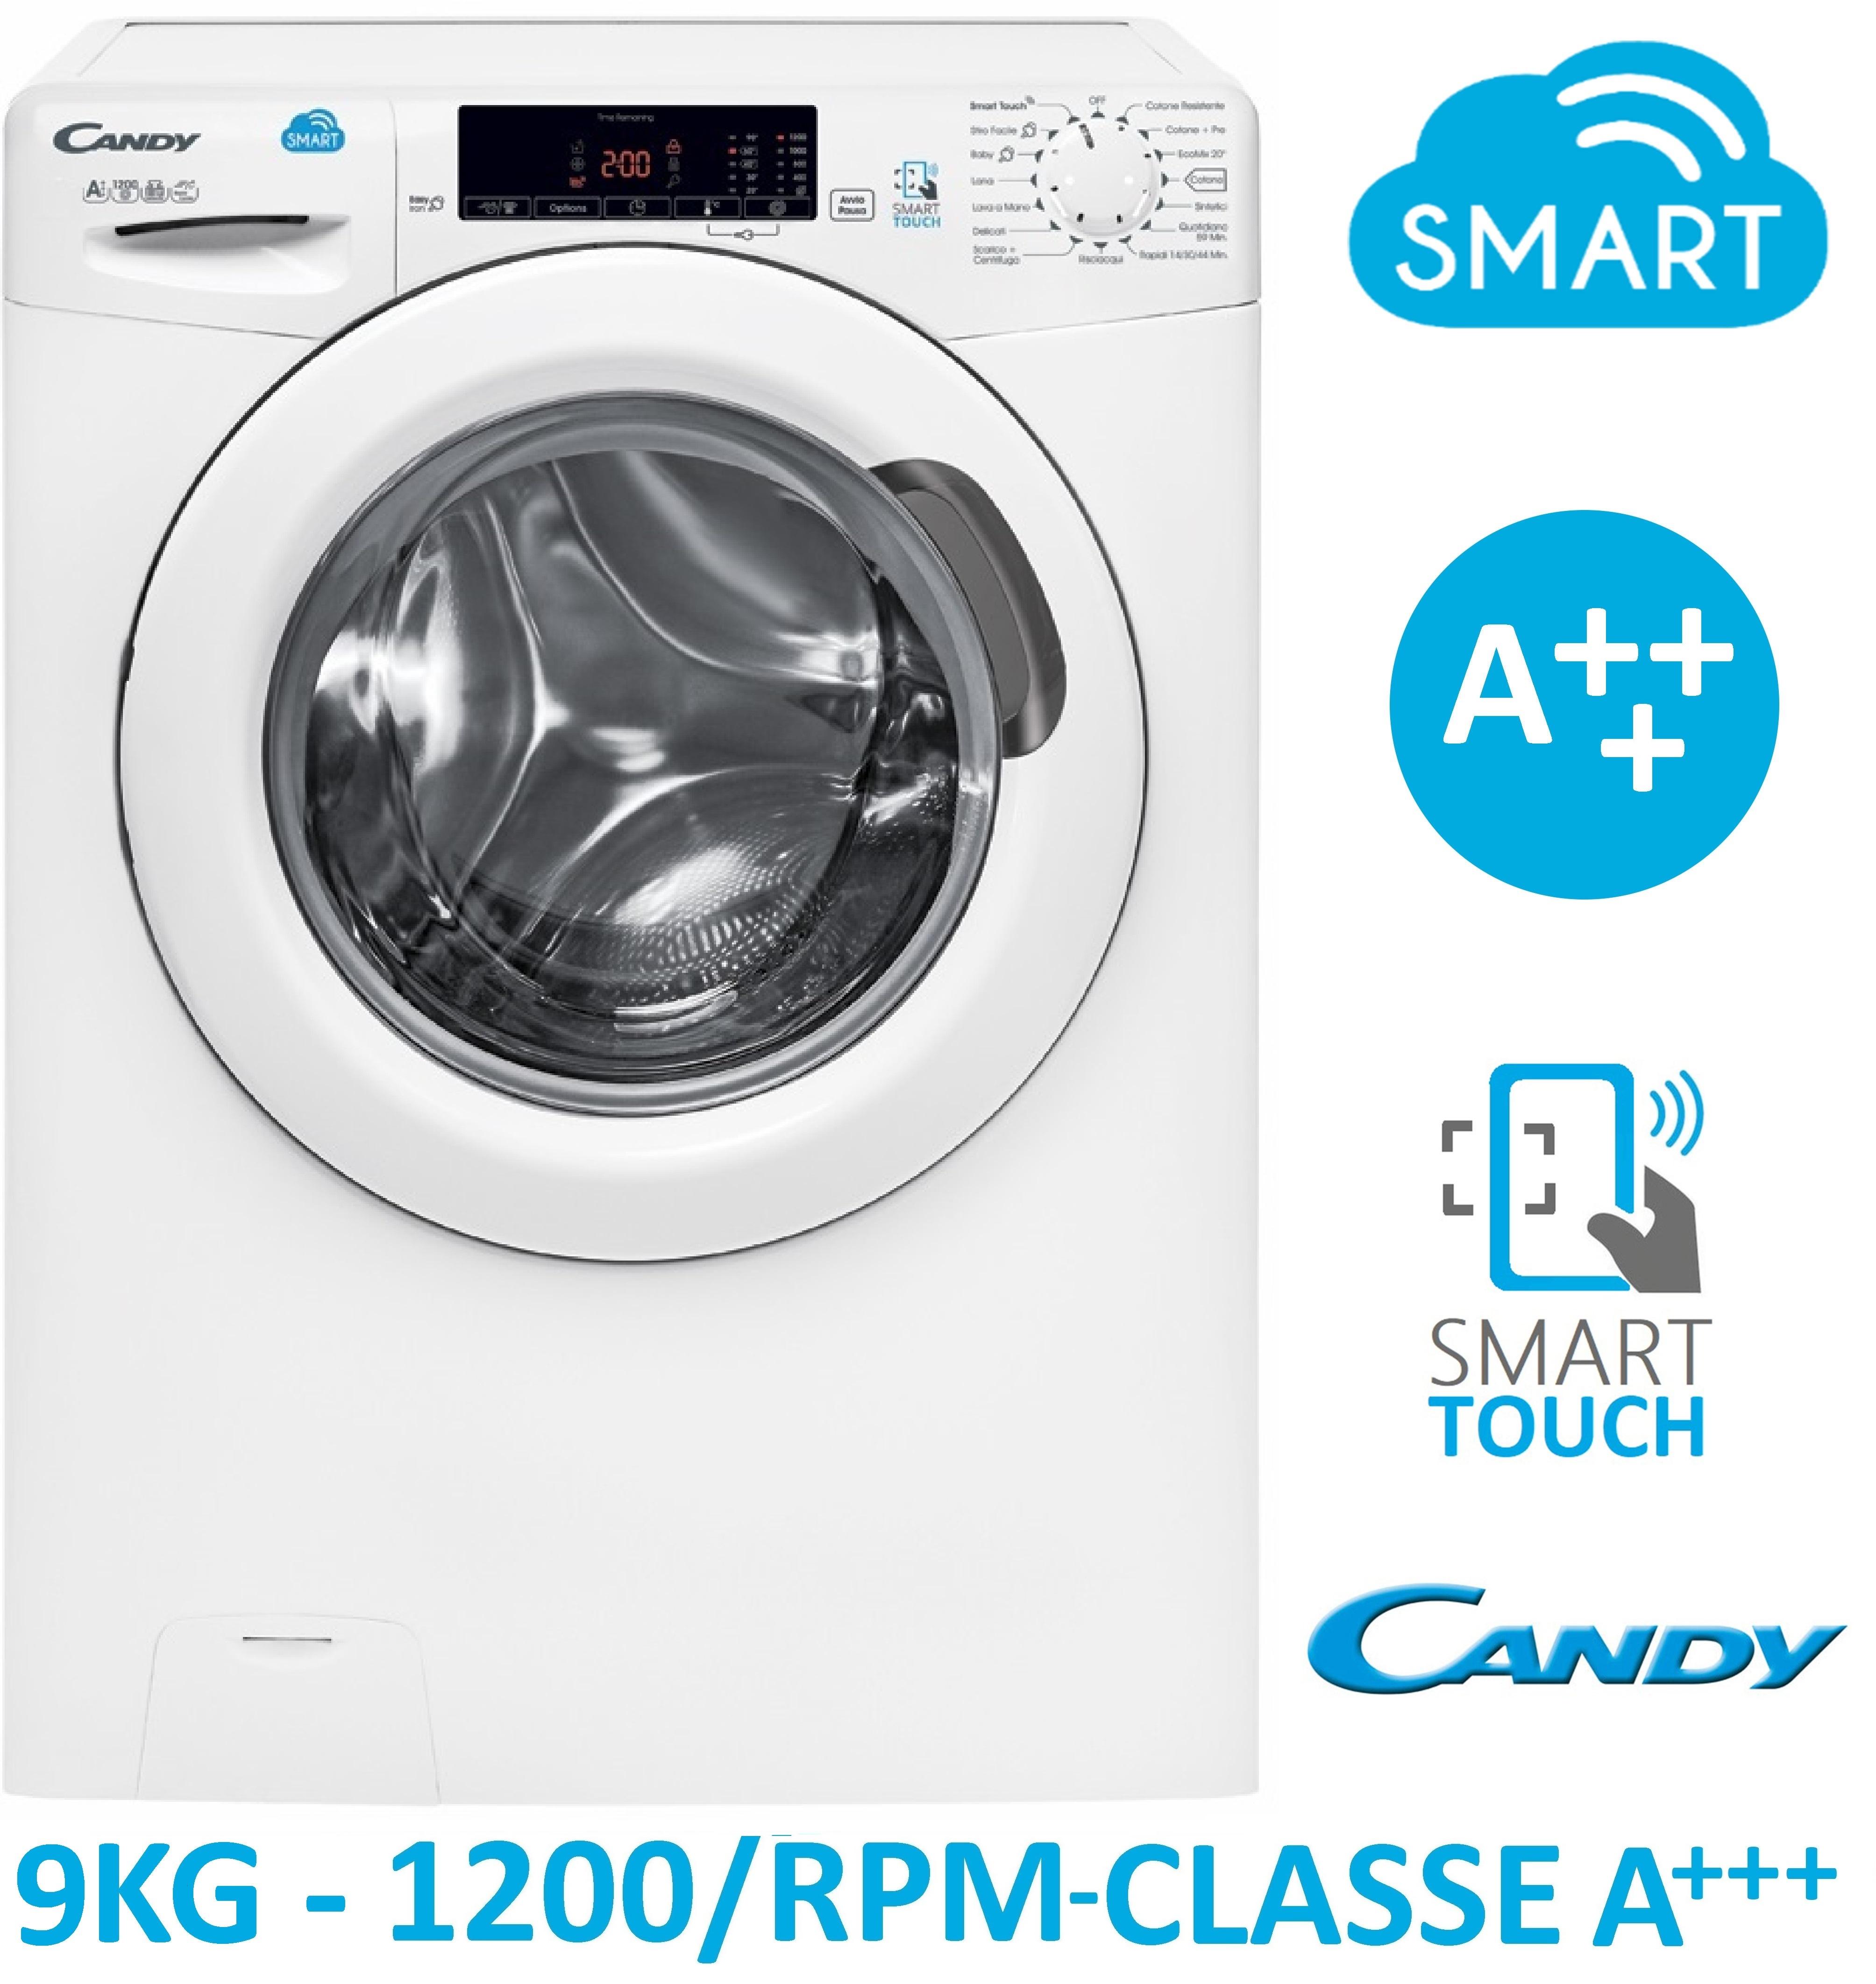 Vendita Lavatrici Usate Bari.Dettagli Su Lavatrice 9 Kg 1200 Giri A Smart Touch Candy Css129t3 01 Farago